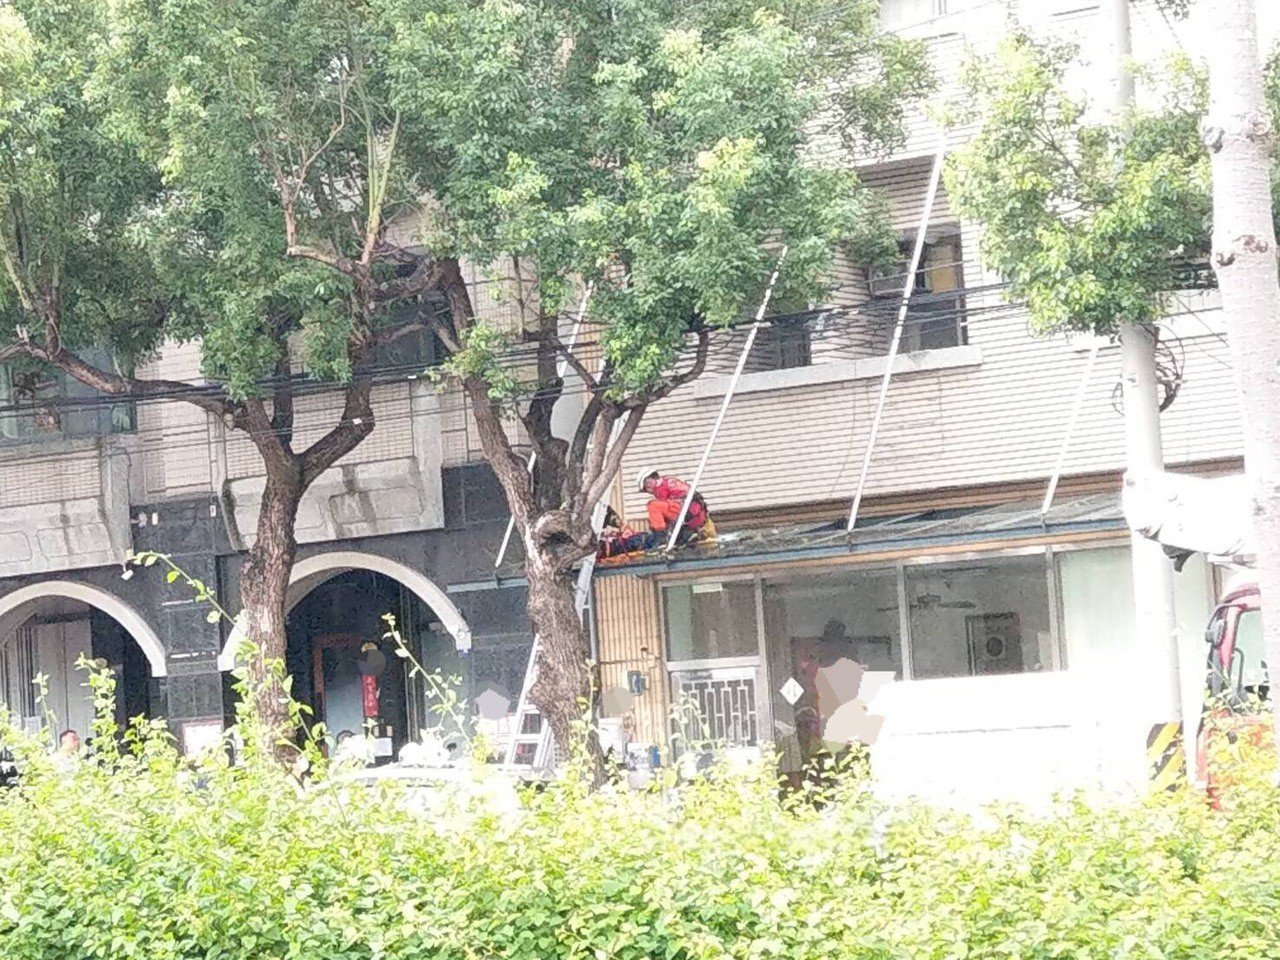 台中市沙鹿區台灣大道七段一處大樓,今天上午8時許驚傳墜樓事件。圖/民眾提供